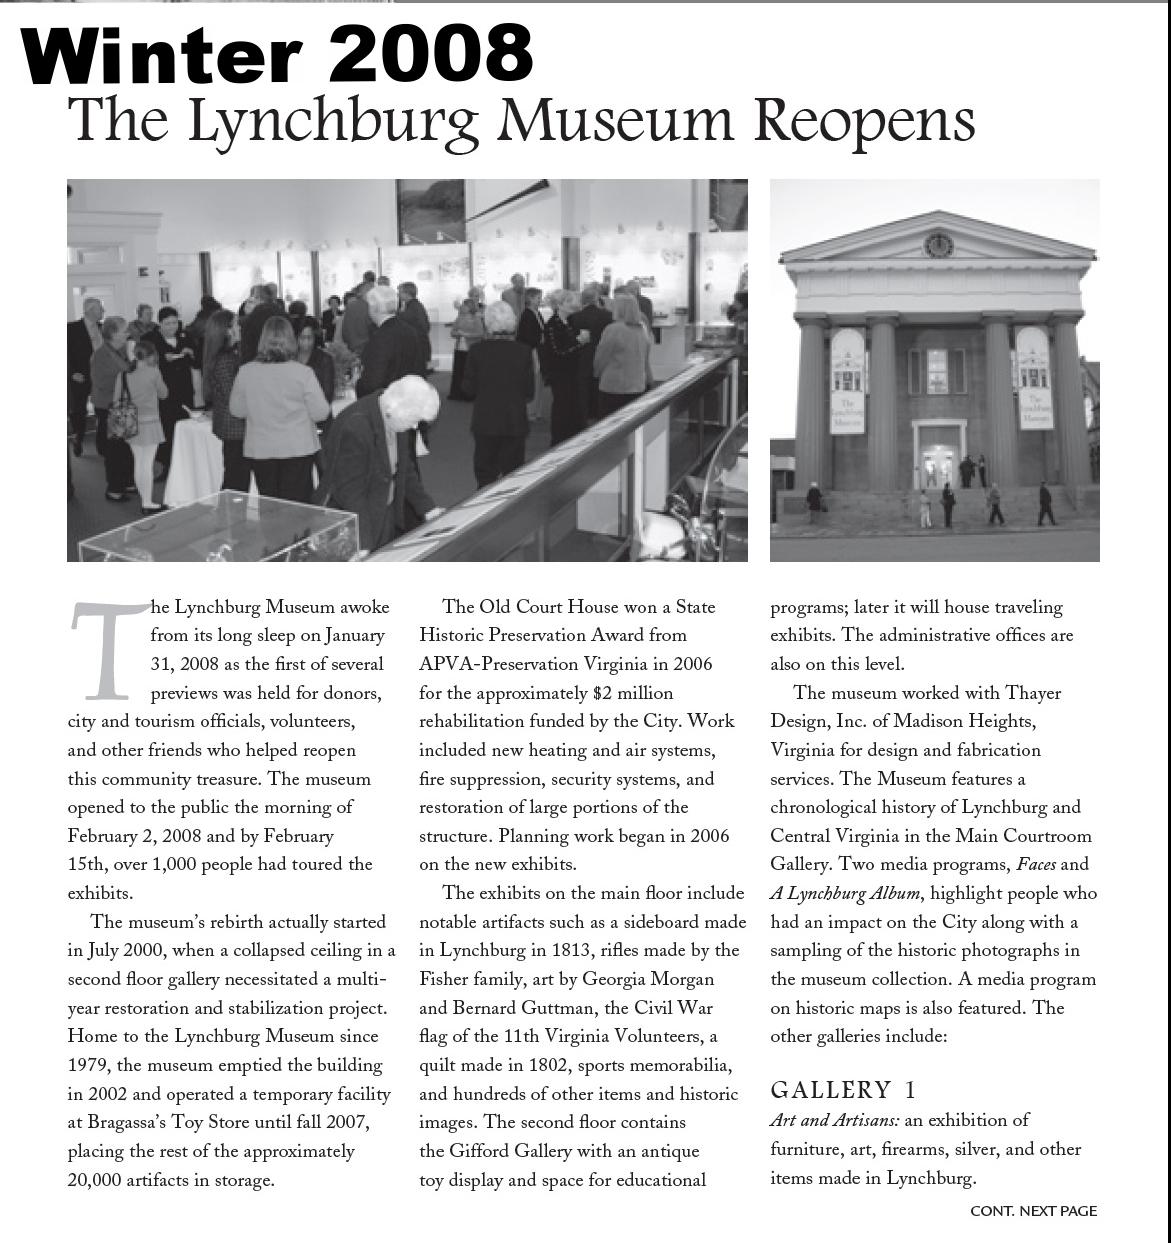 Muse News Winter 2008